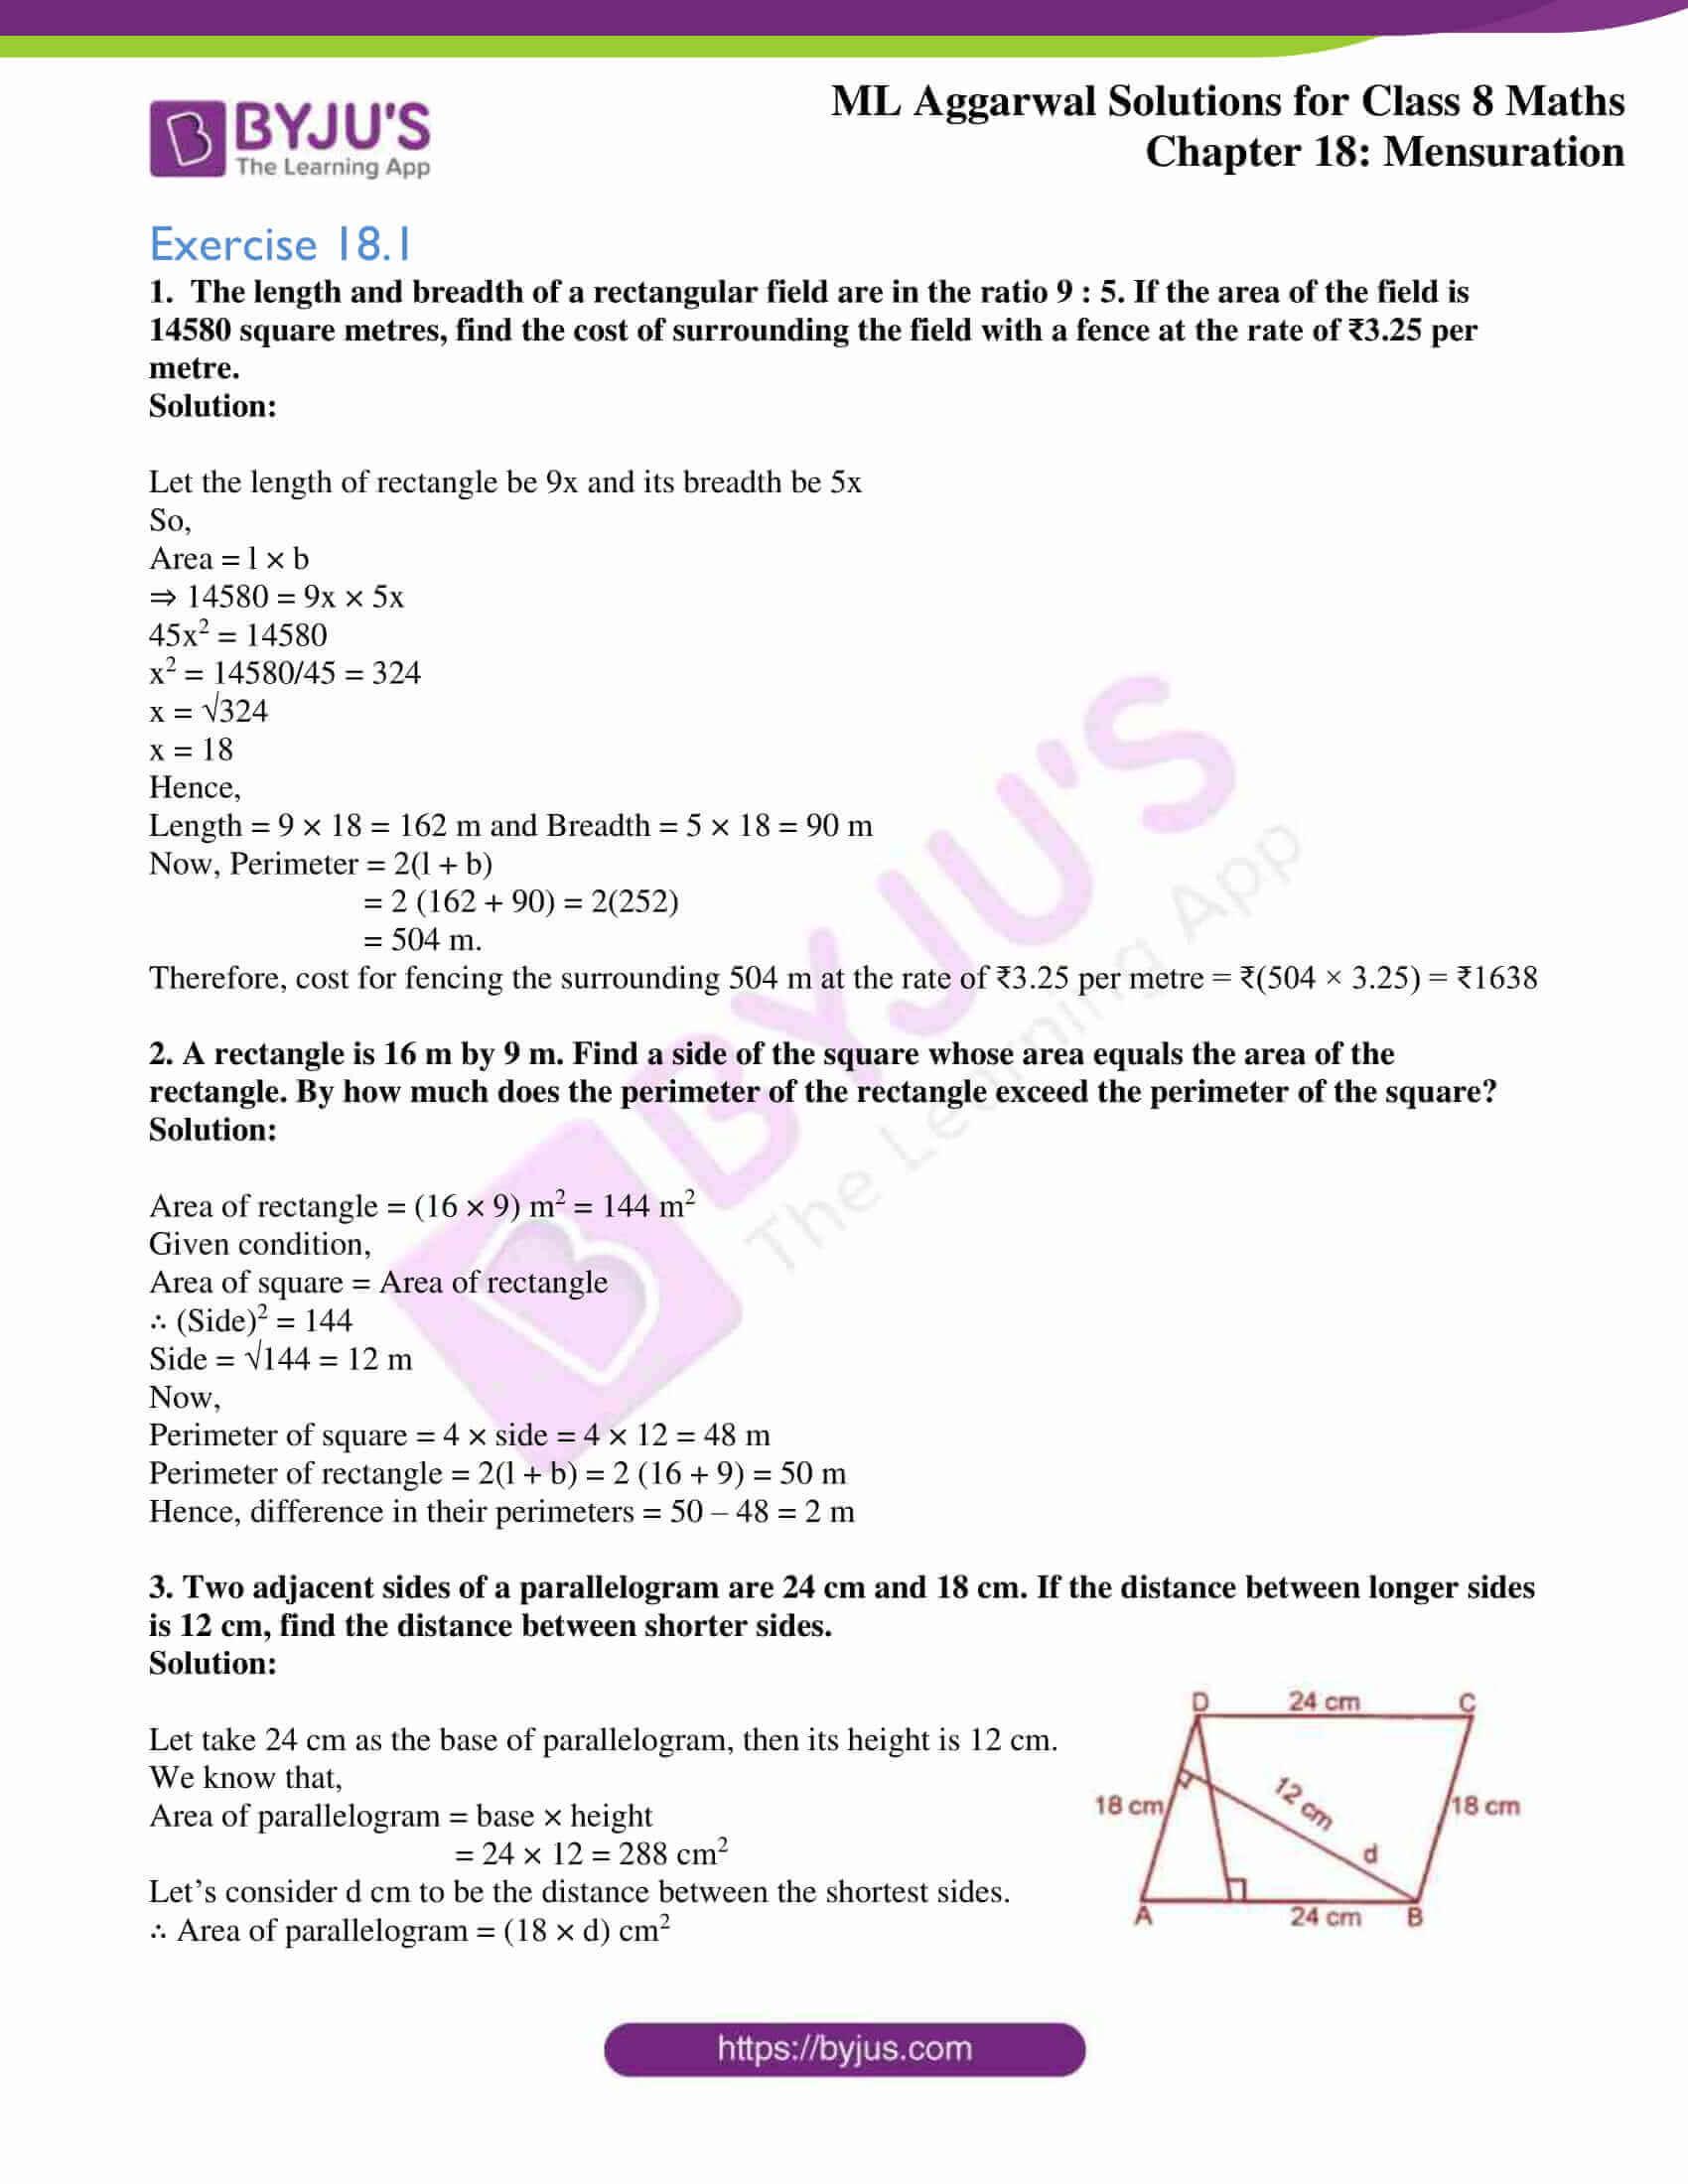 ml aggarwal sol mathematics class 8 ch 18 01